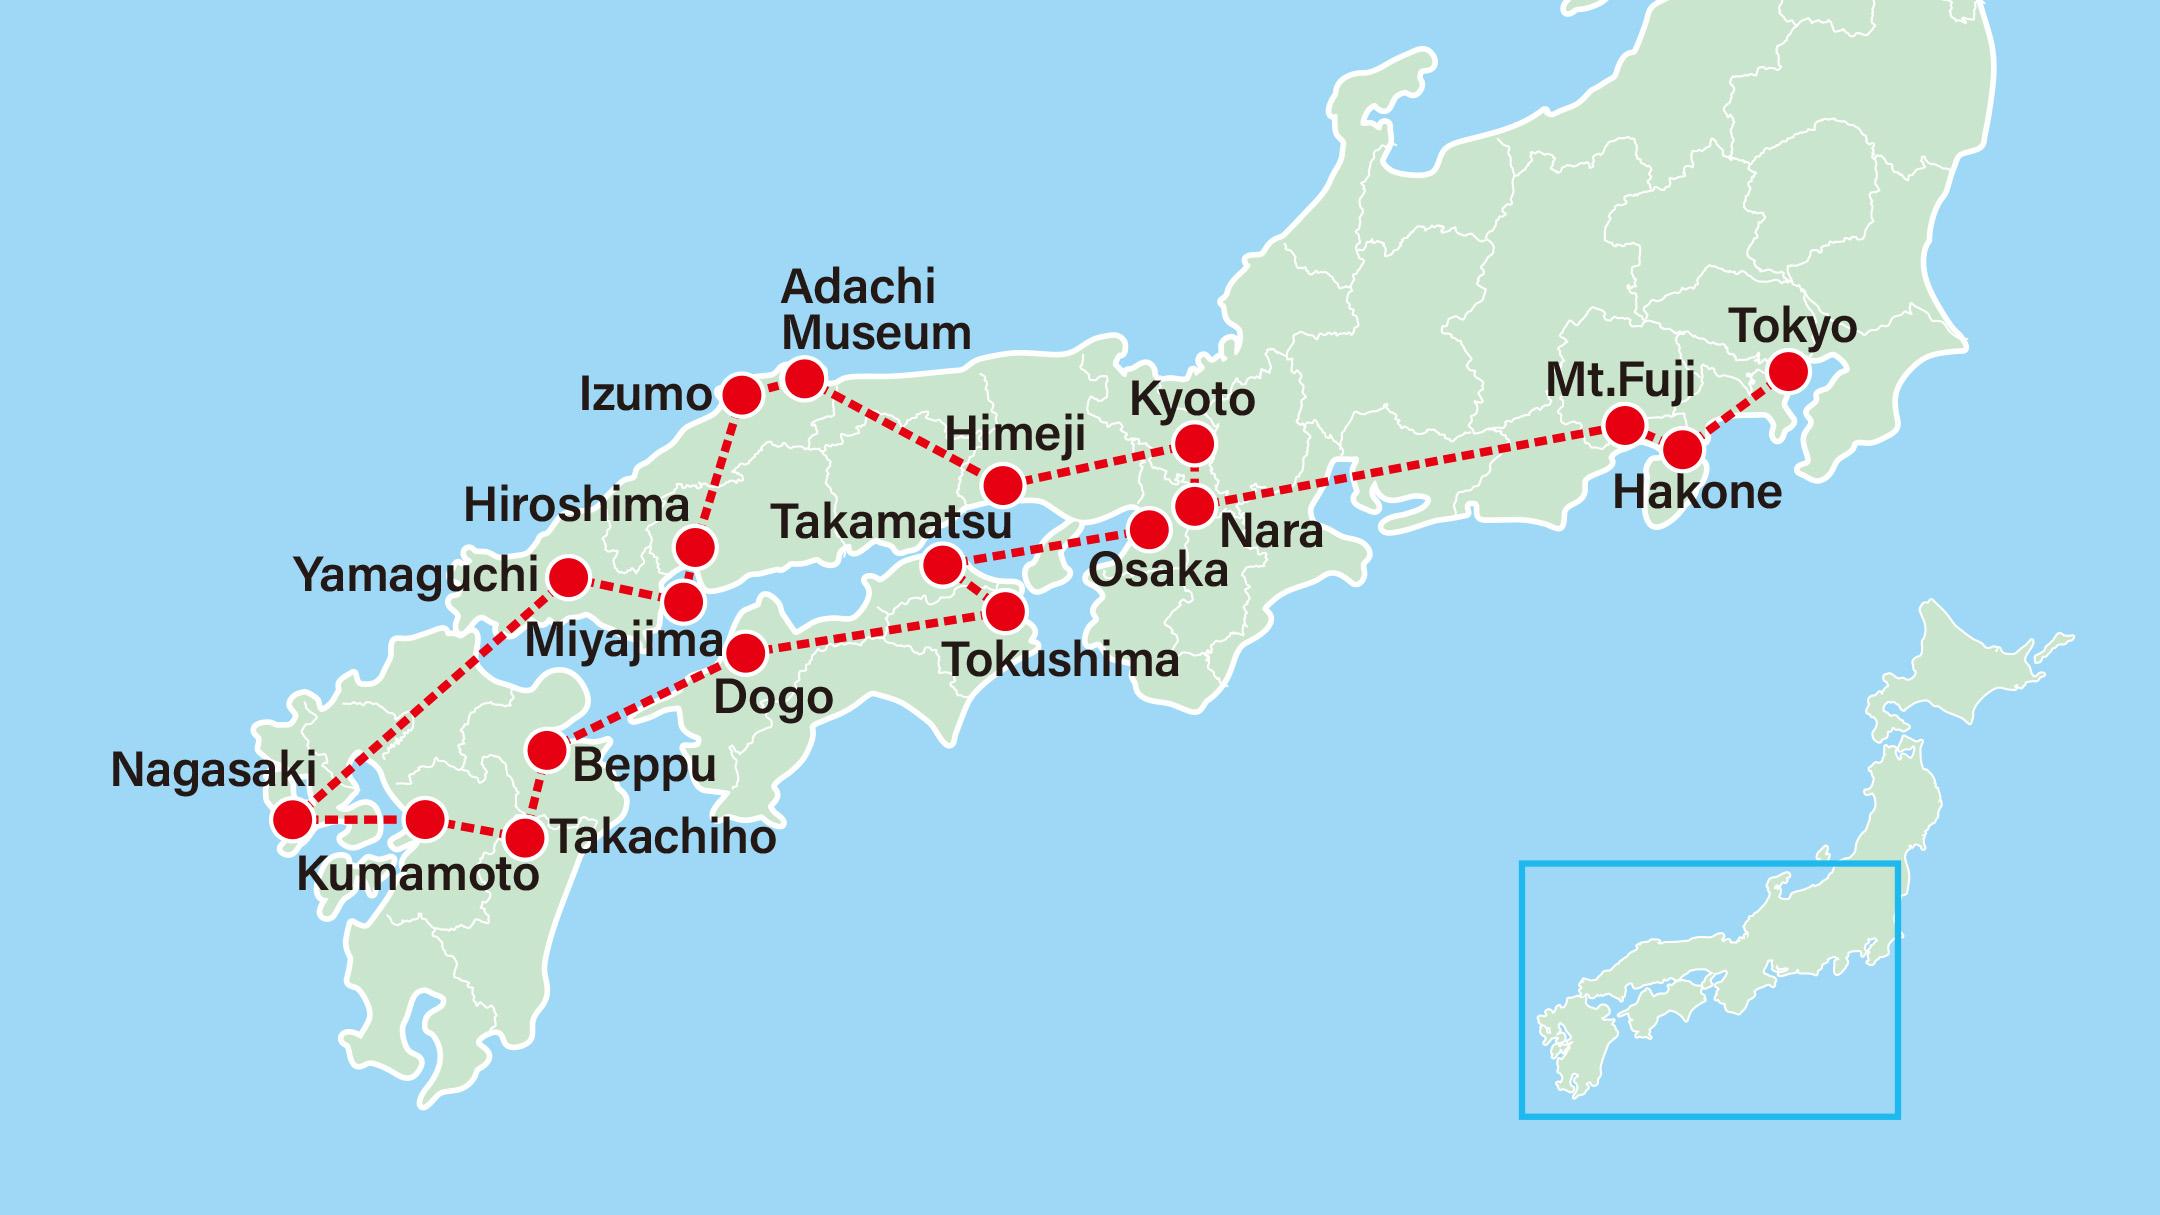 Grand Tour of Japan Ⅱ<br>Nagasaki-Tokyo-Yokohama-Hakone-Mt Fuji-Nara-Kyoto-Himeji-Izumo-Hiroshima-Miyajima-Nagasaki-Kumamoto-Takachiho-Beppu-Dogo-Tokushima-Ritsurin Garden-Osaka